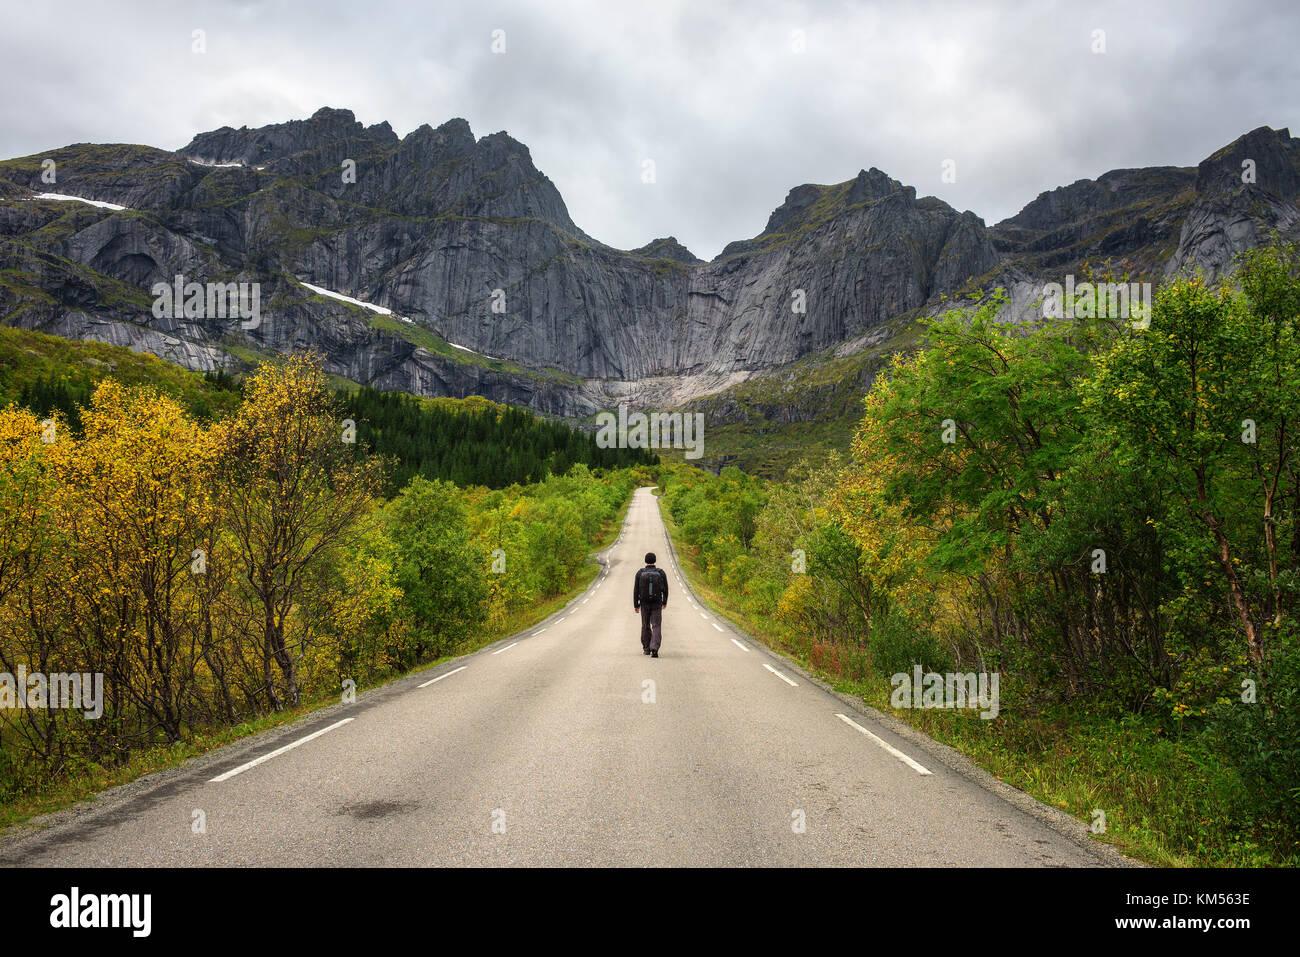 Randonneur promenades sur une route pittoresque sur les îles Lofoten en Norvège Photo Stock